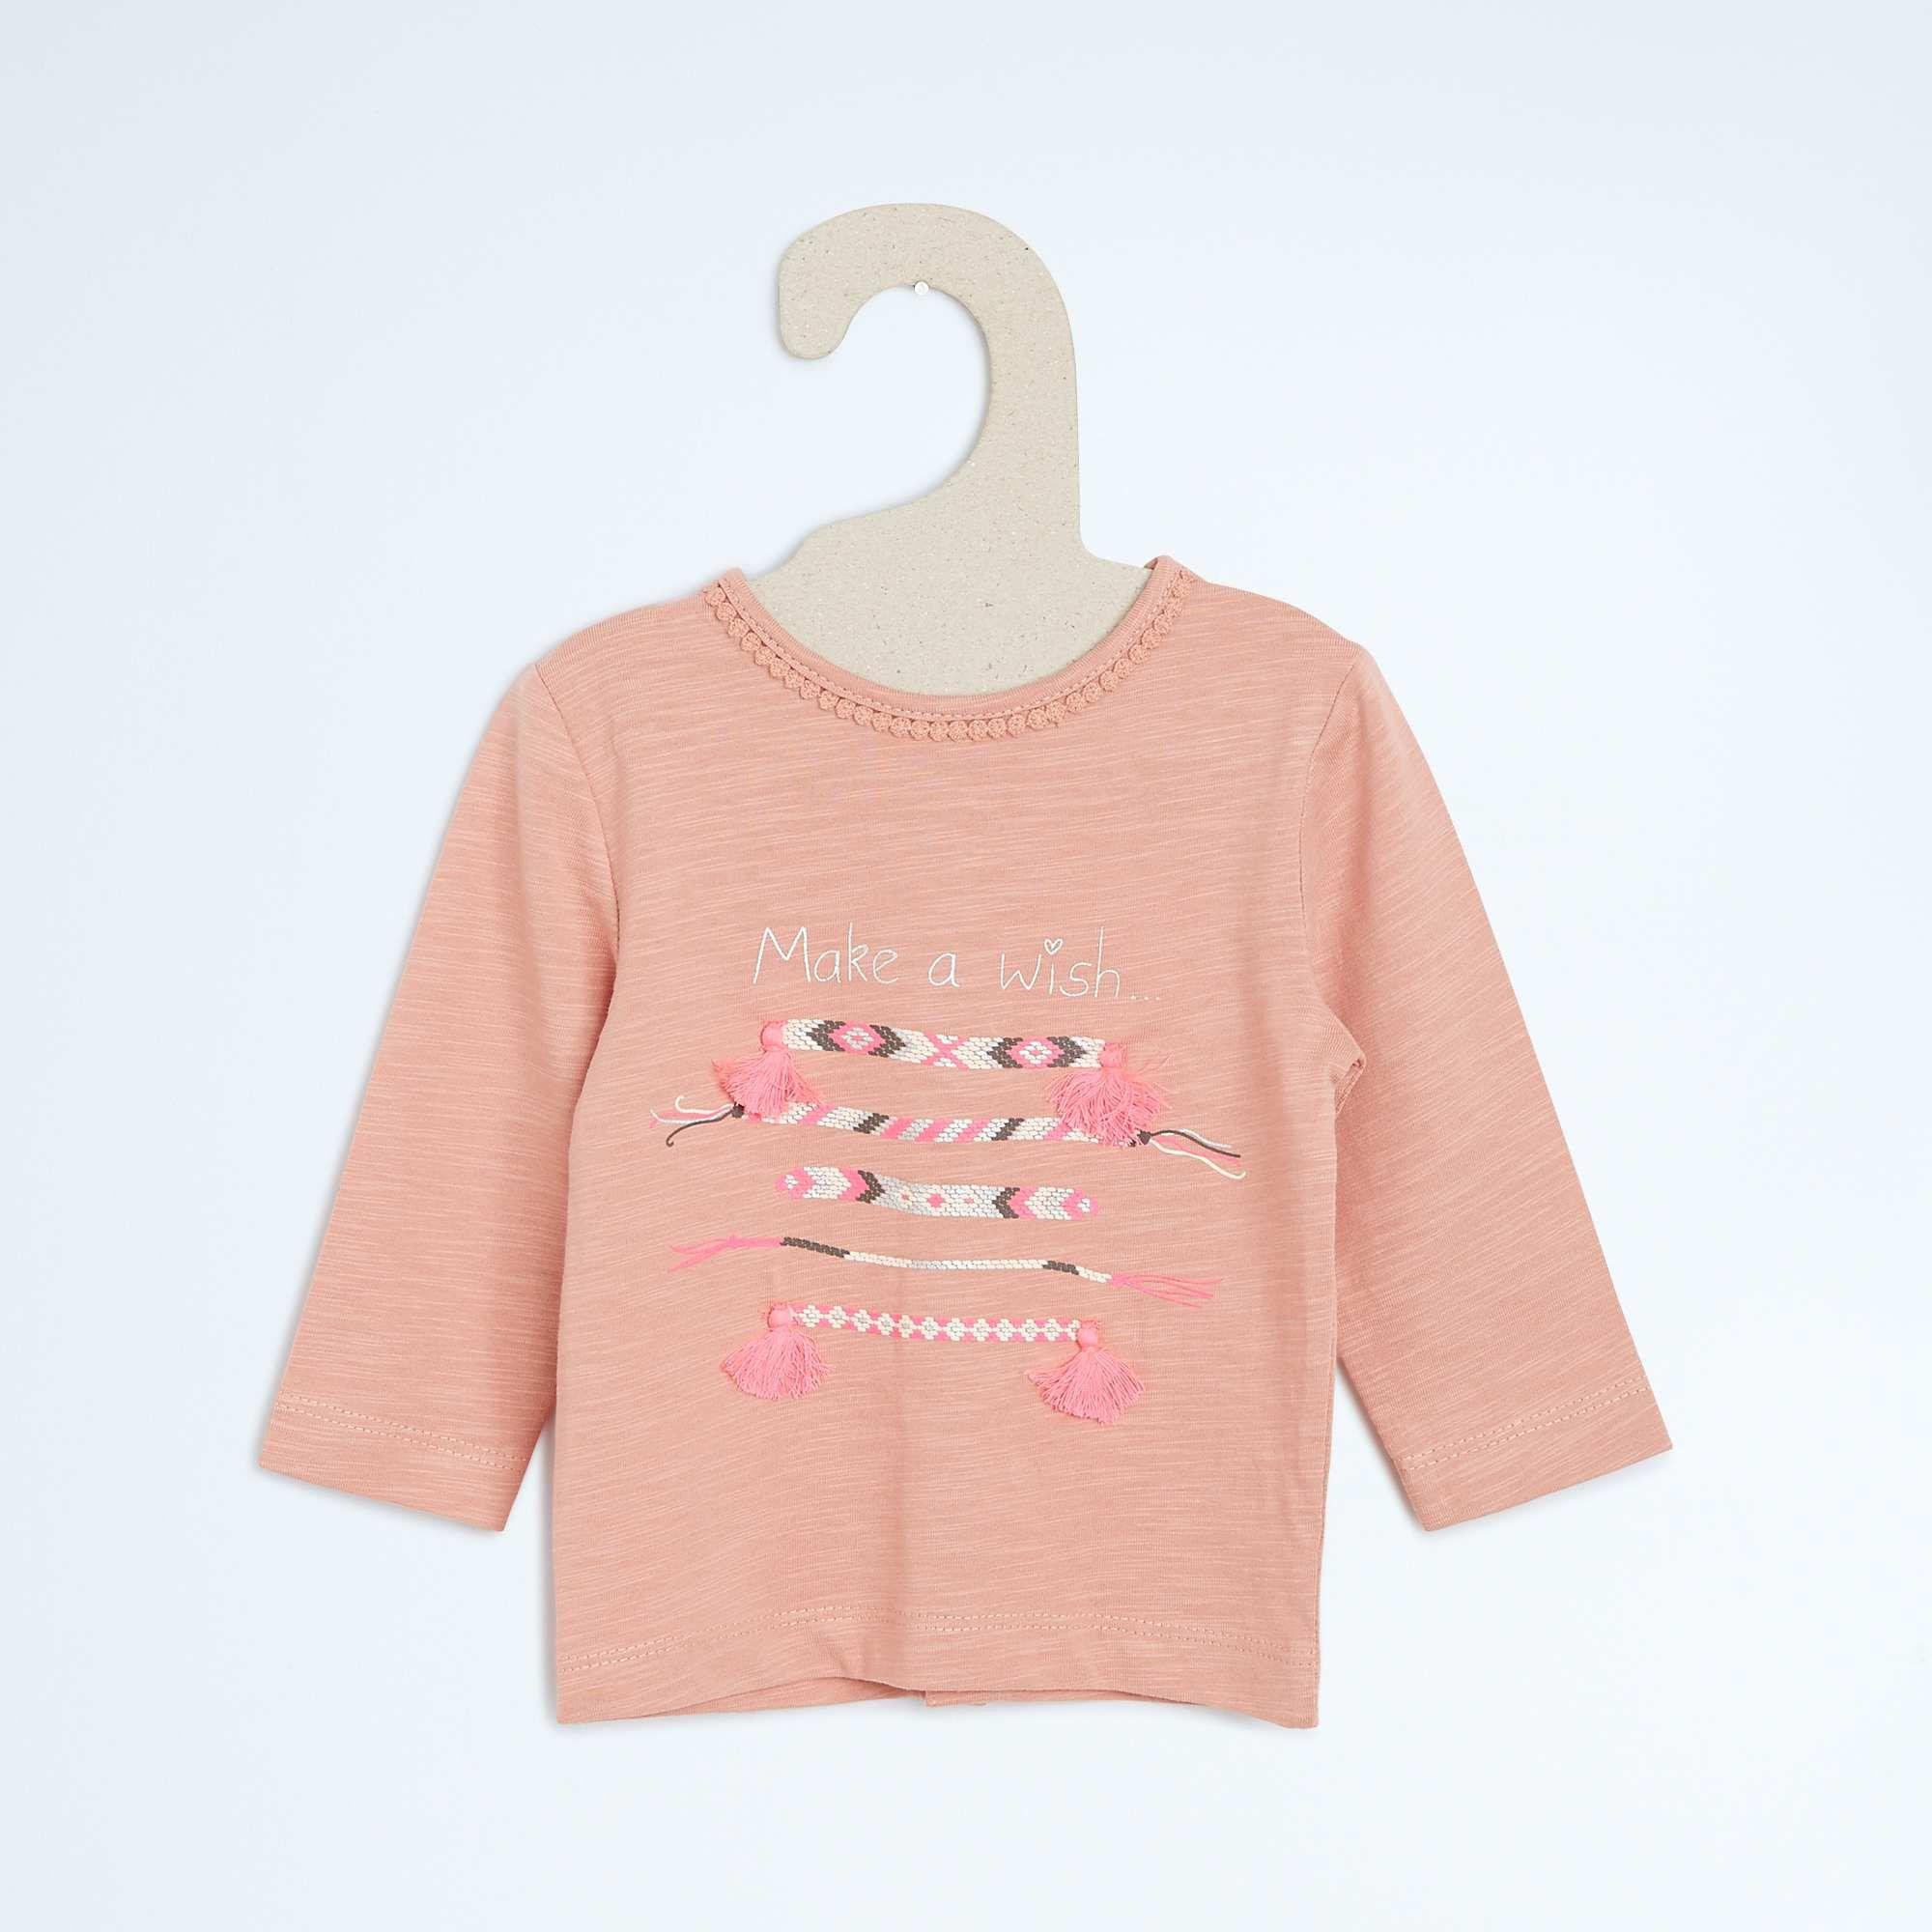 5ddc5c900834e Tee-shirt imprimé message reliefé Bébé fille - Kiabi - 6